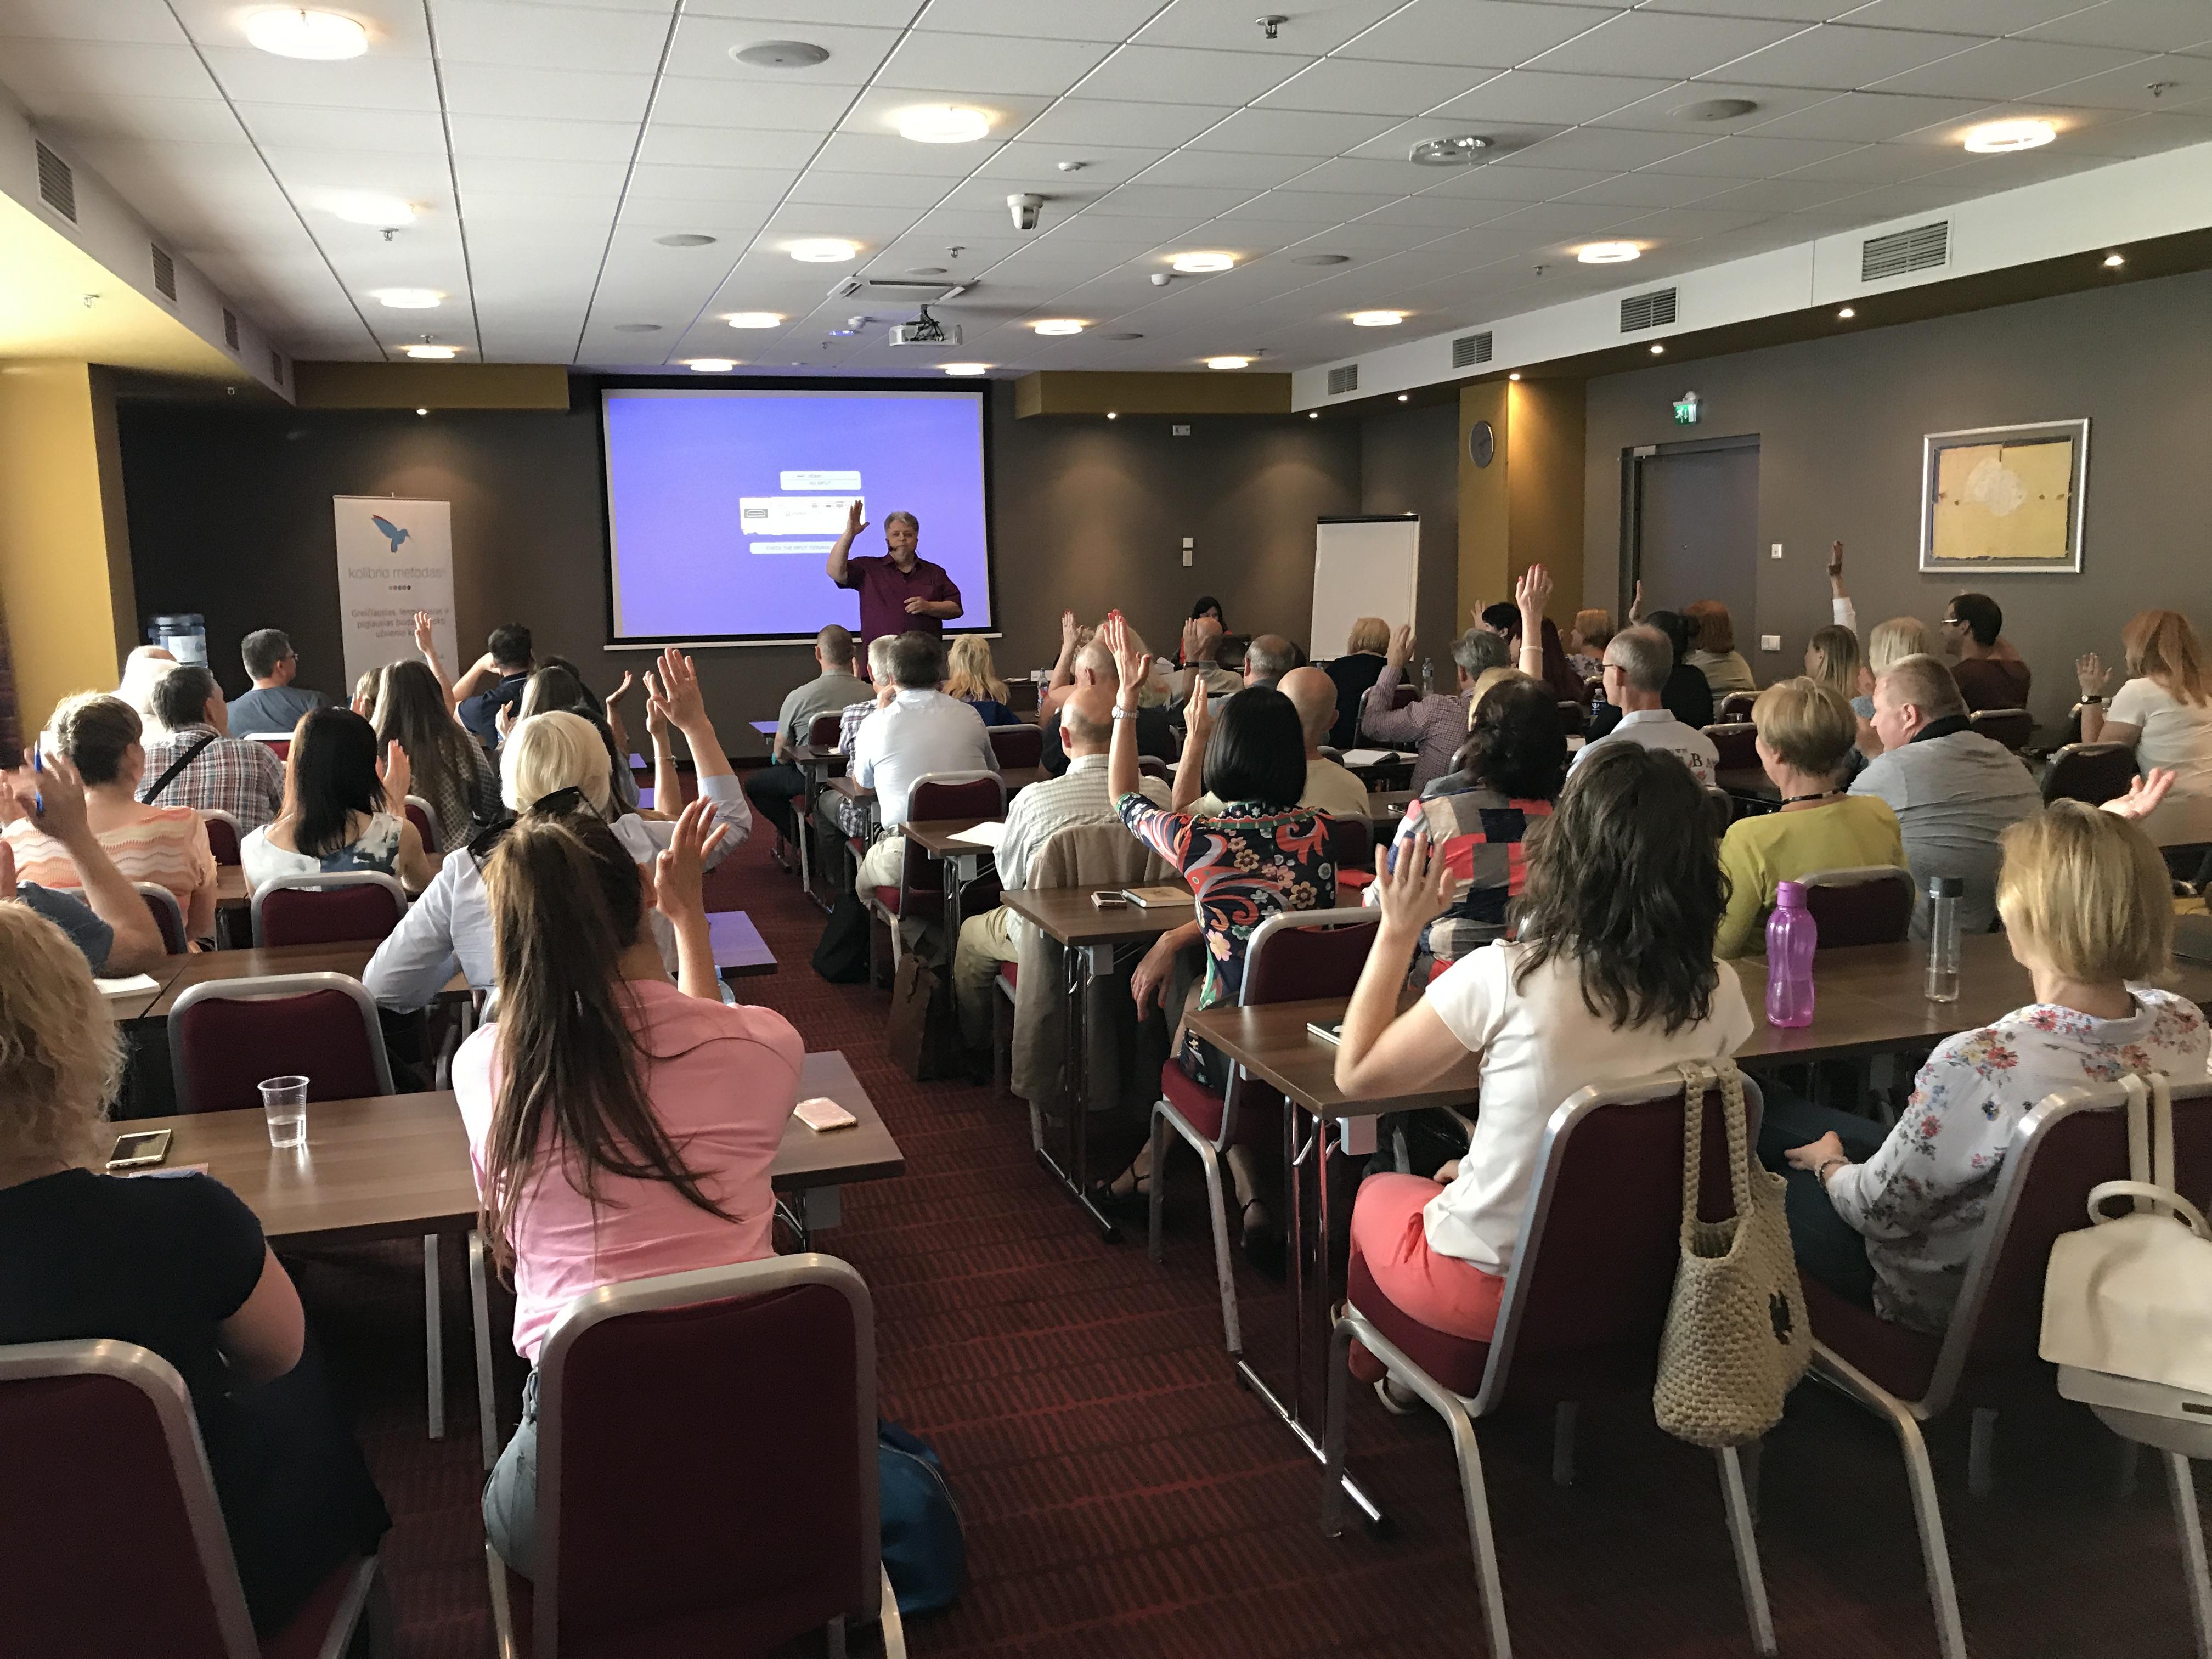 32-ieji ir paskutinia anglų kalbos mokymai Kaune